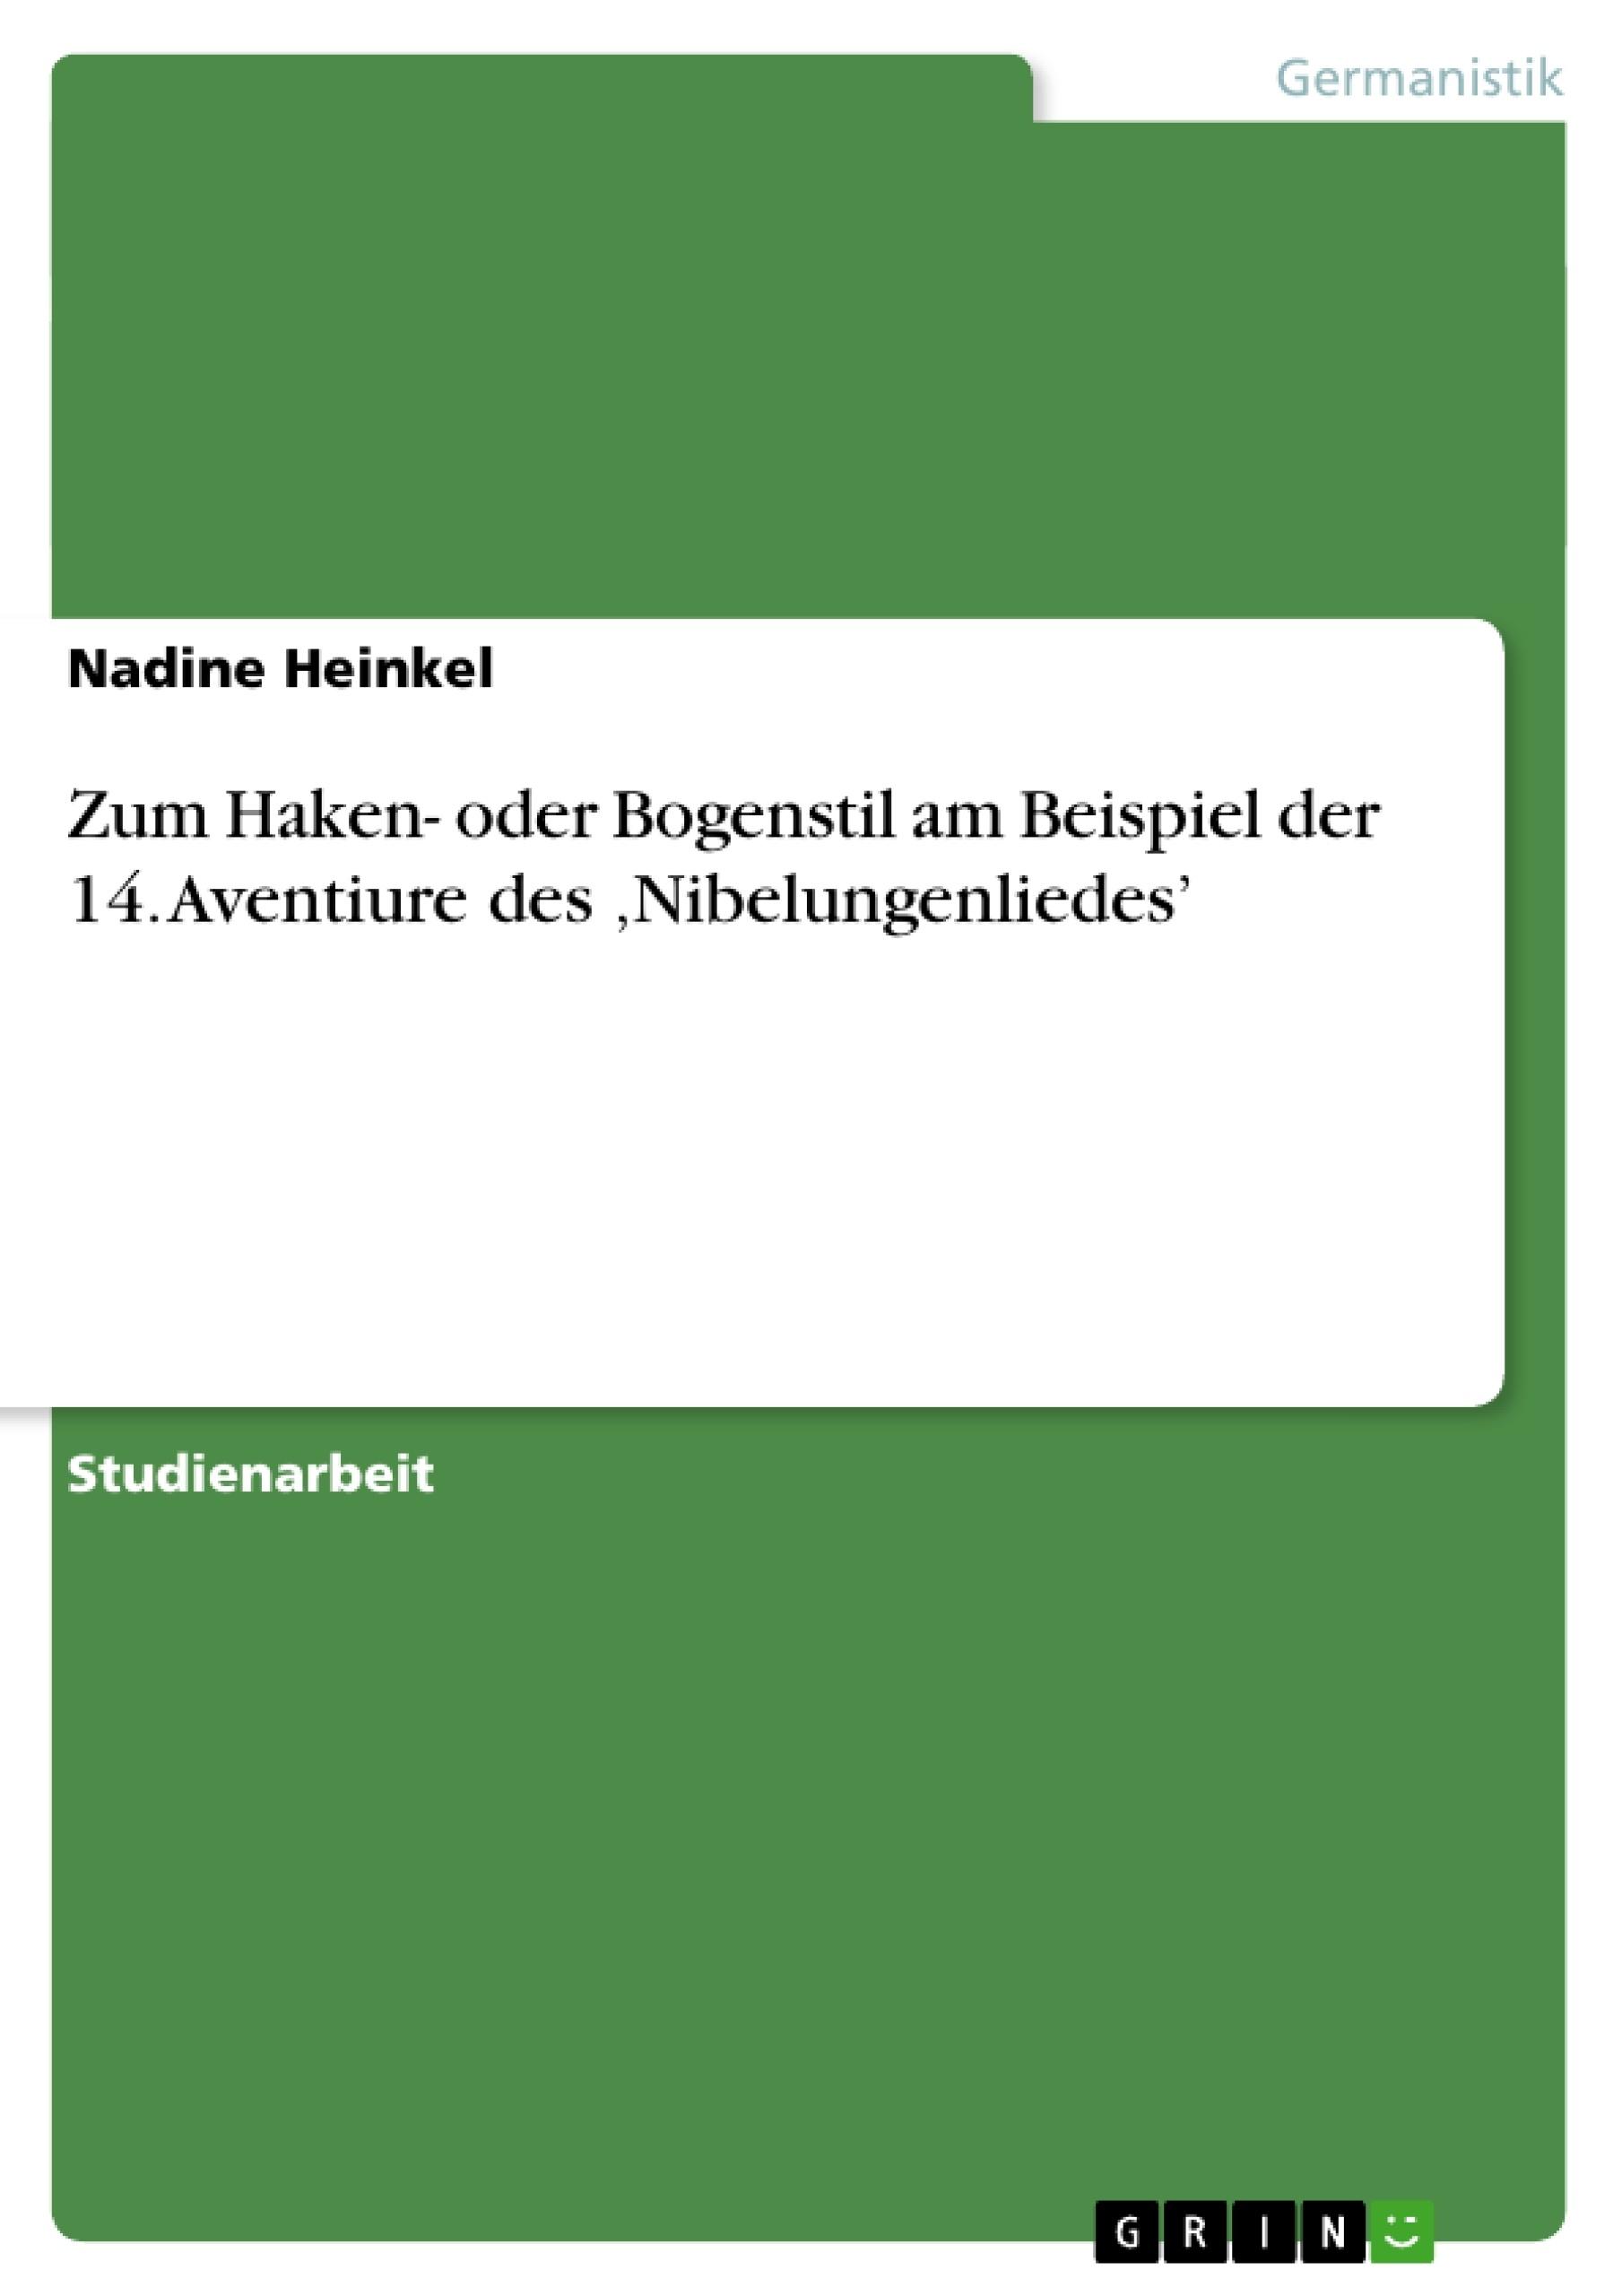 Titel: Zum Haken- oder Bogenstil am Beispiel der 14. Aventiure des 'Nibelungenliedes'